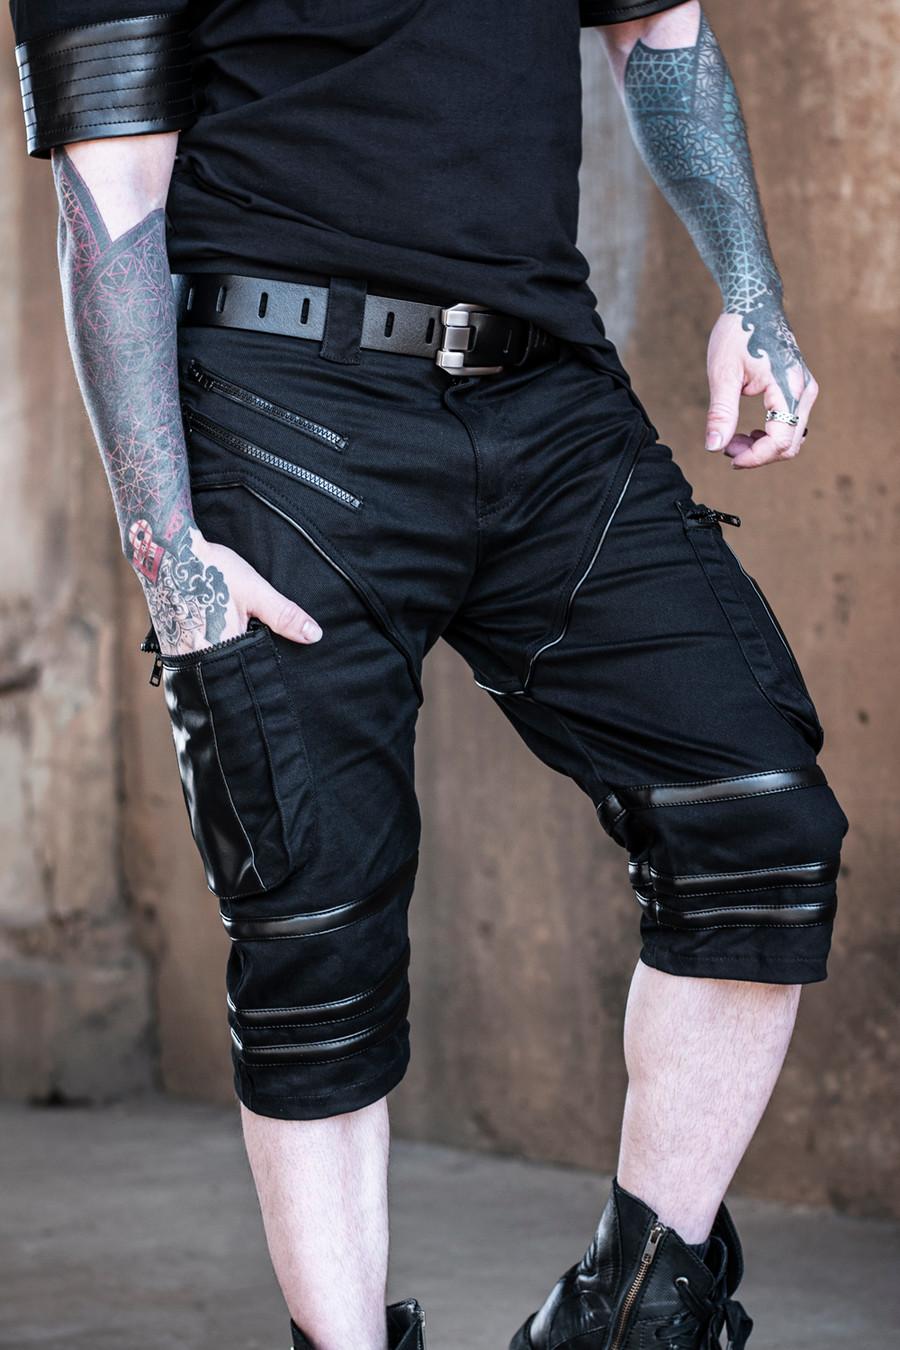 Order 34 Shorts